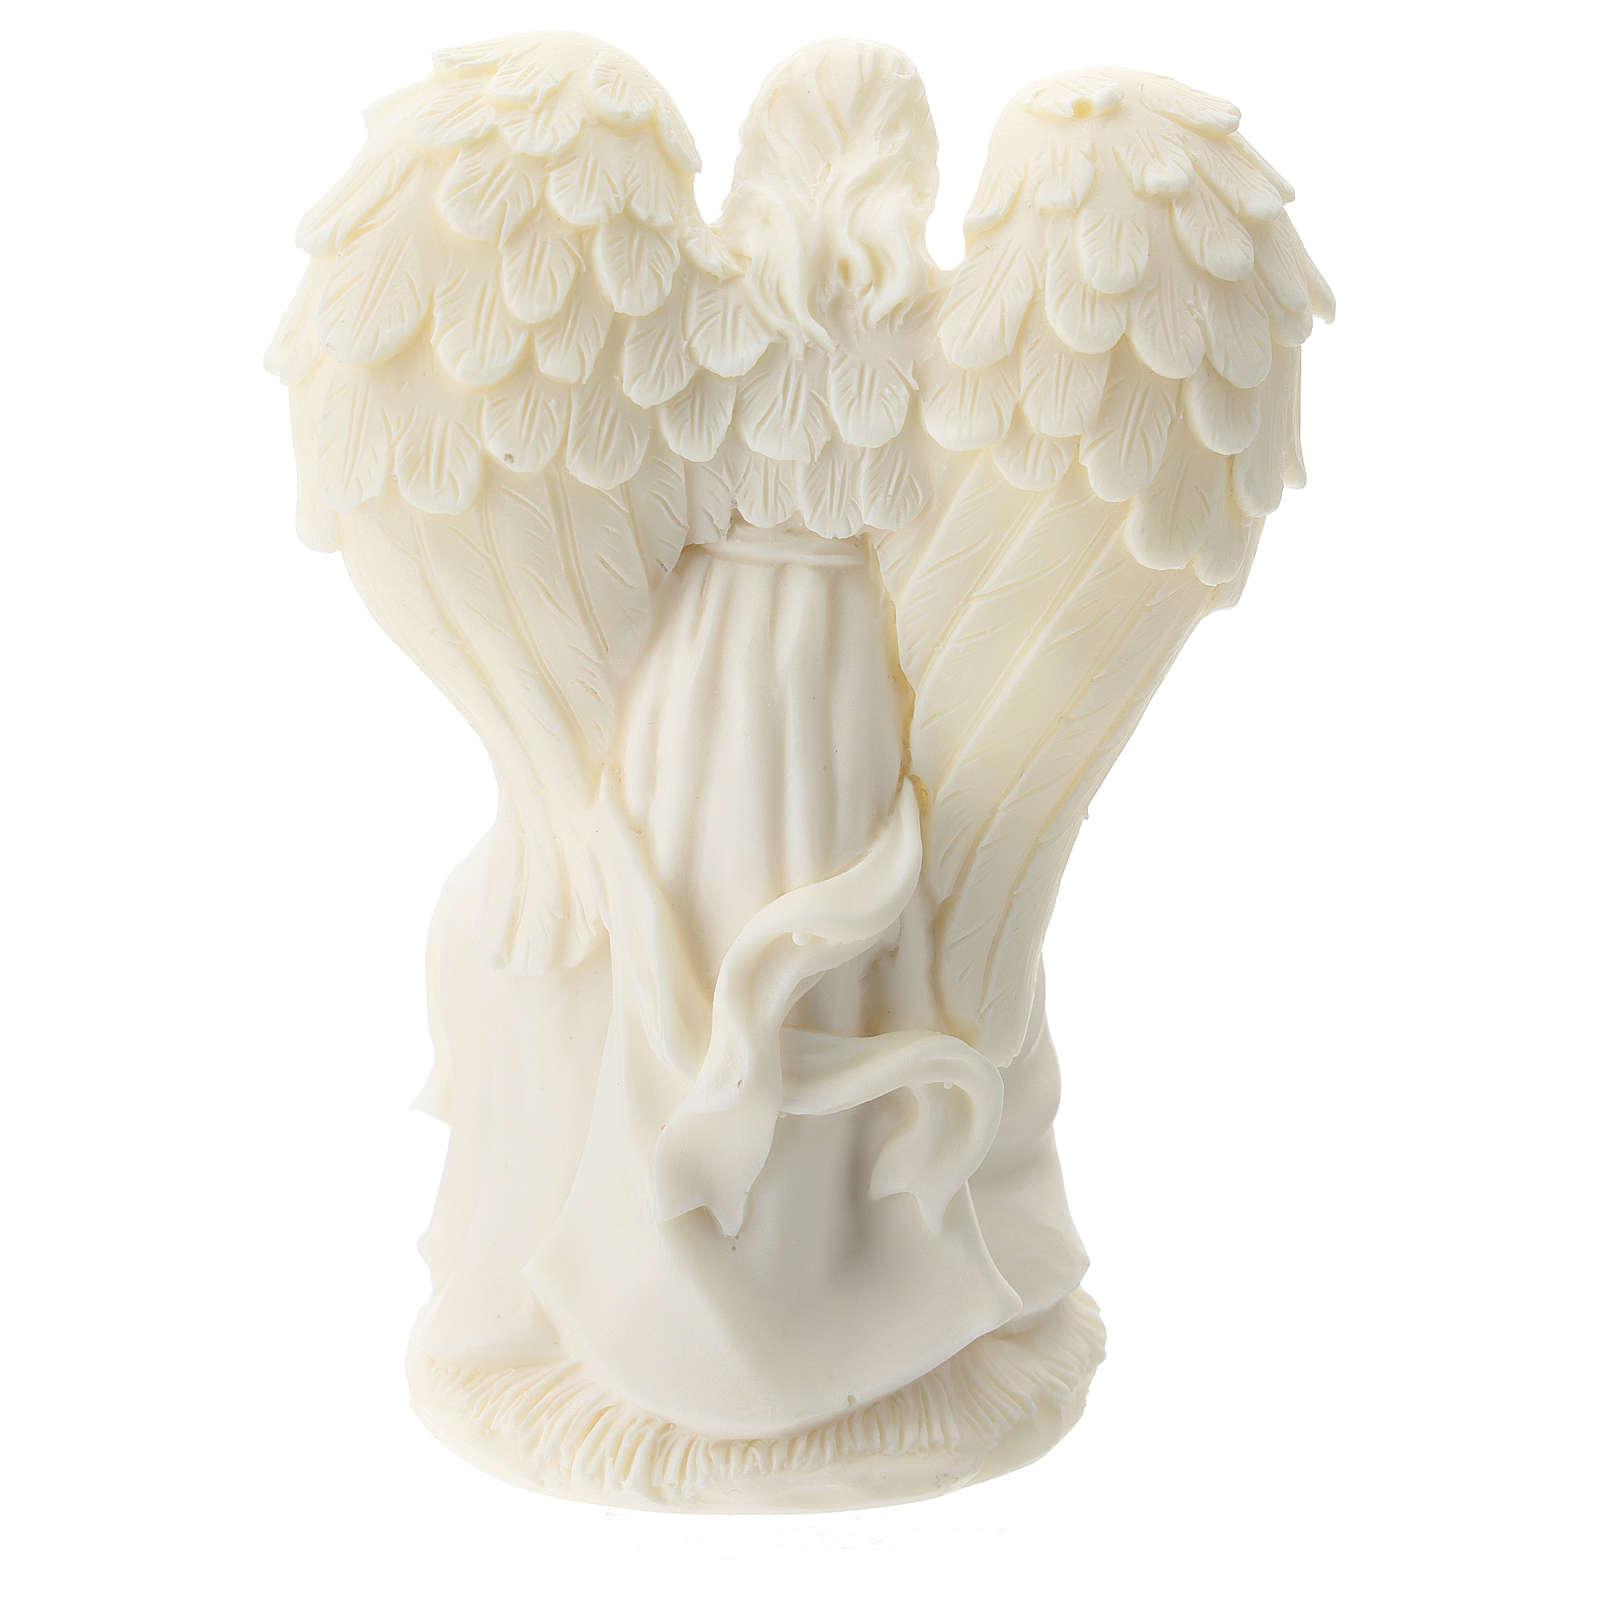 Natividad y Ángel resina blanca 10 cm 3